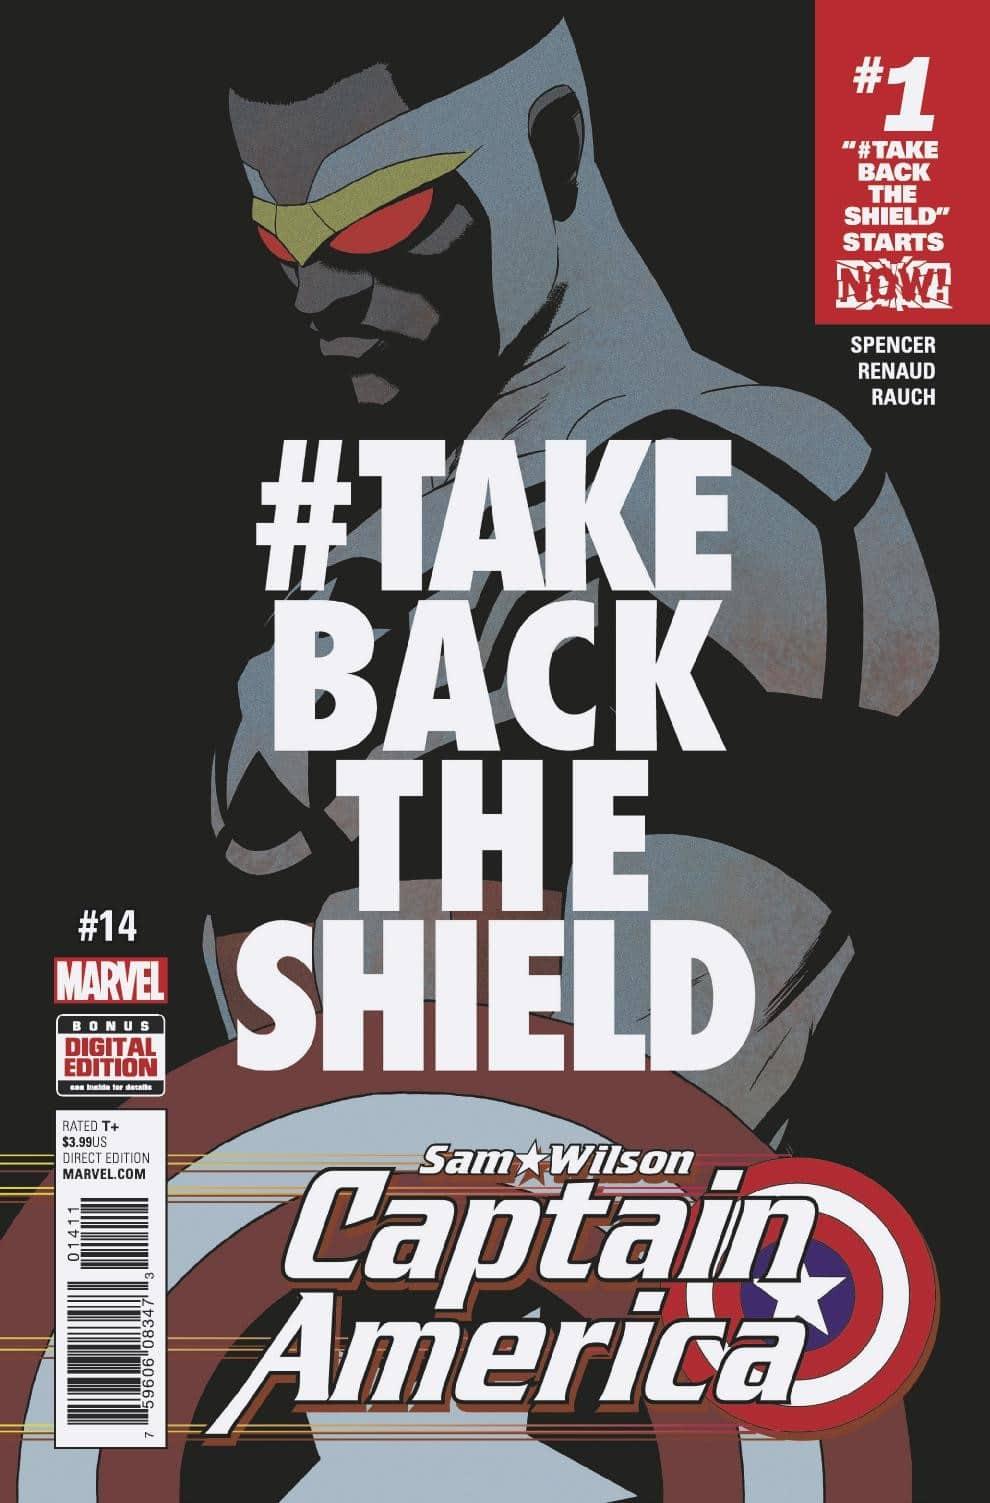 Take The Shield Back